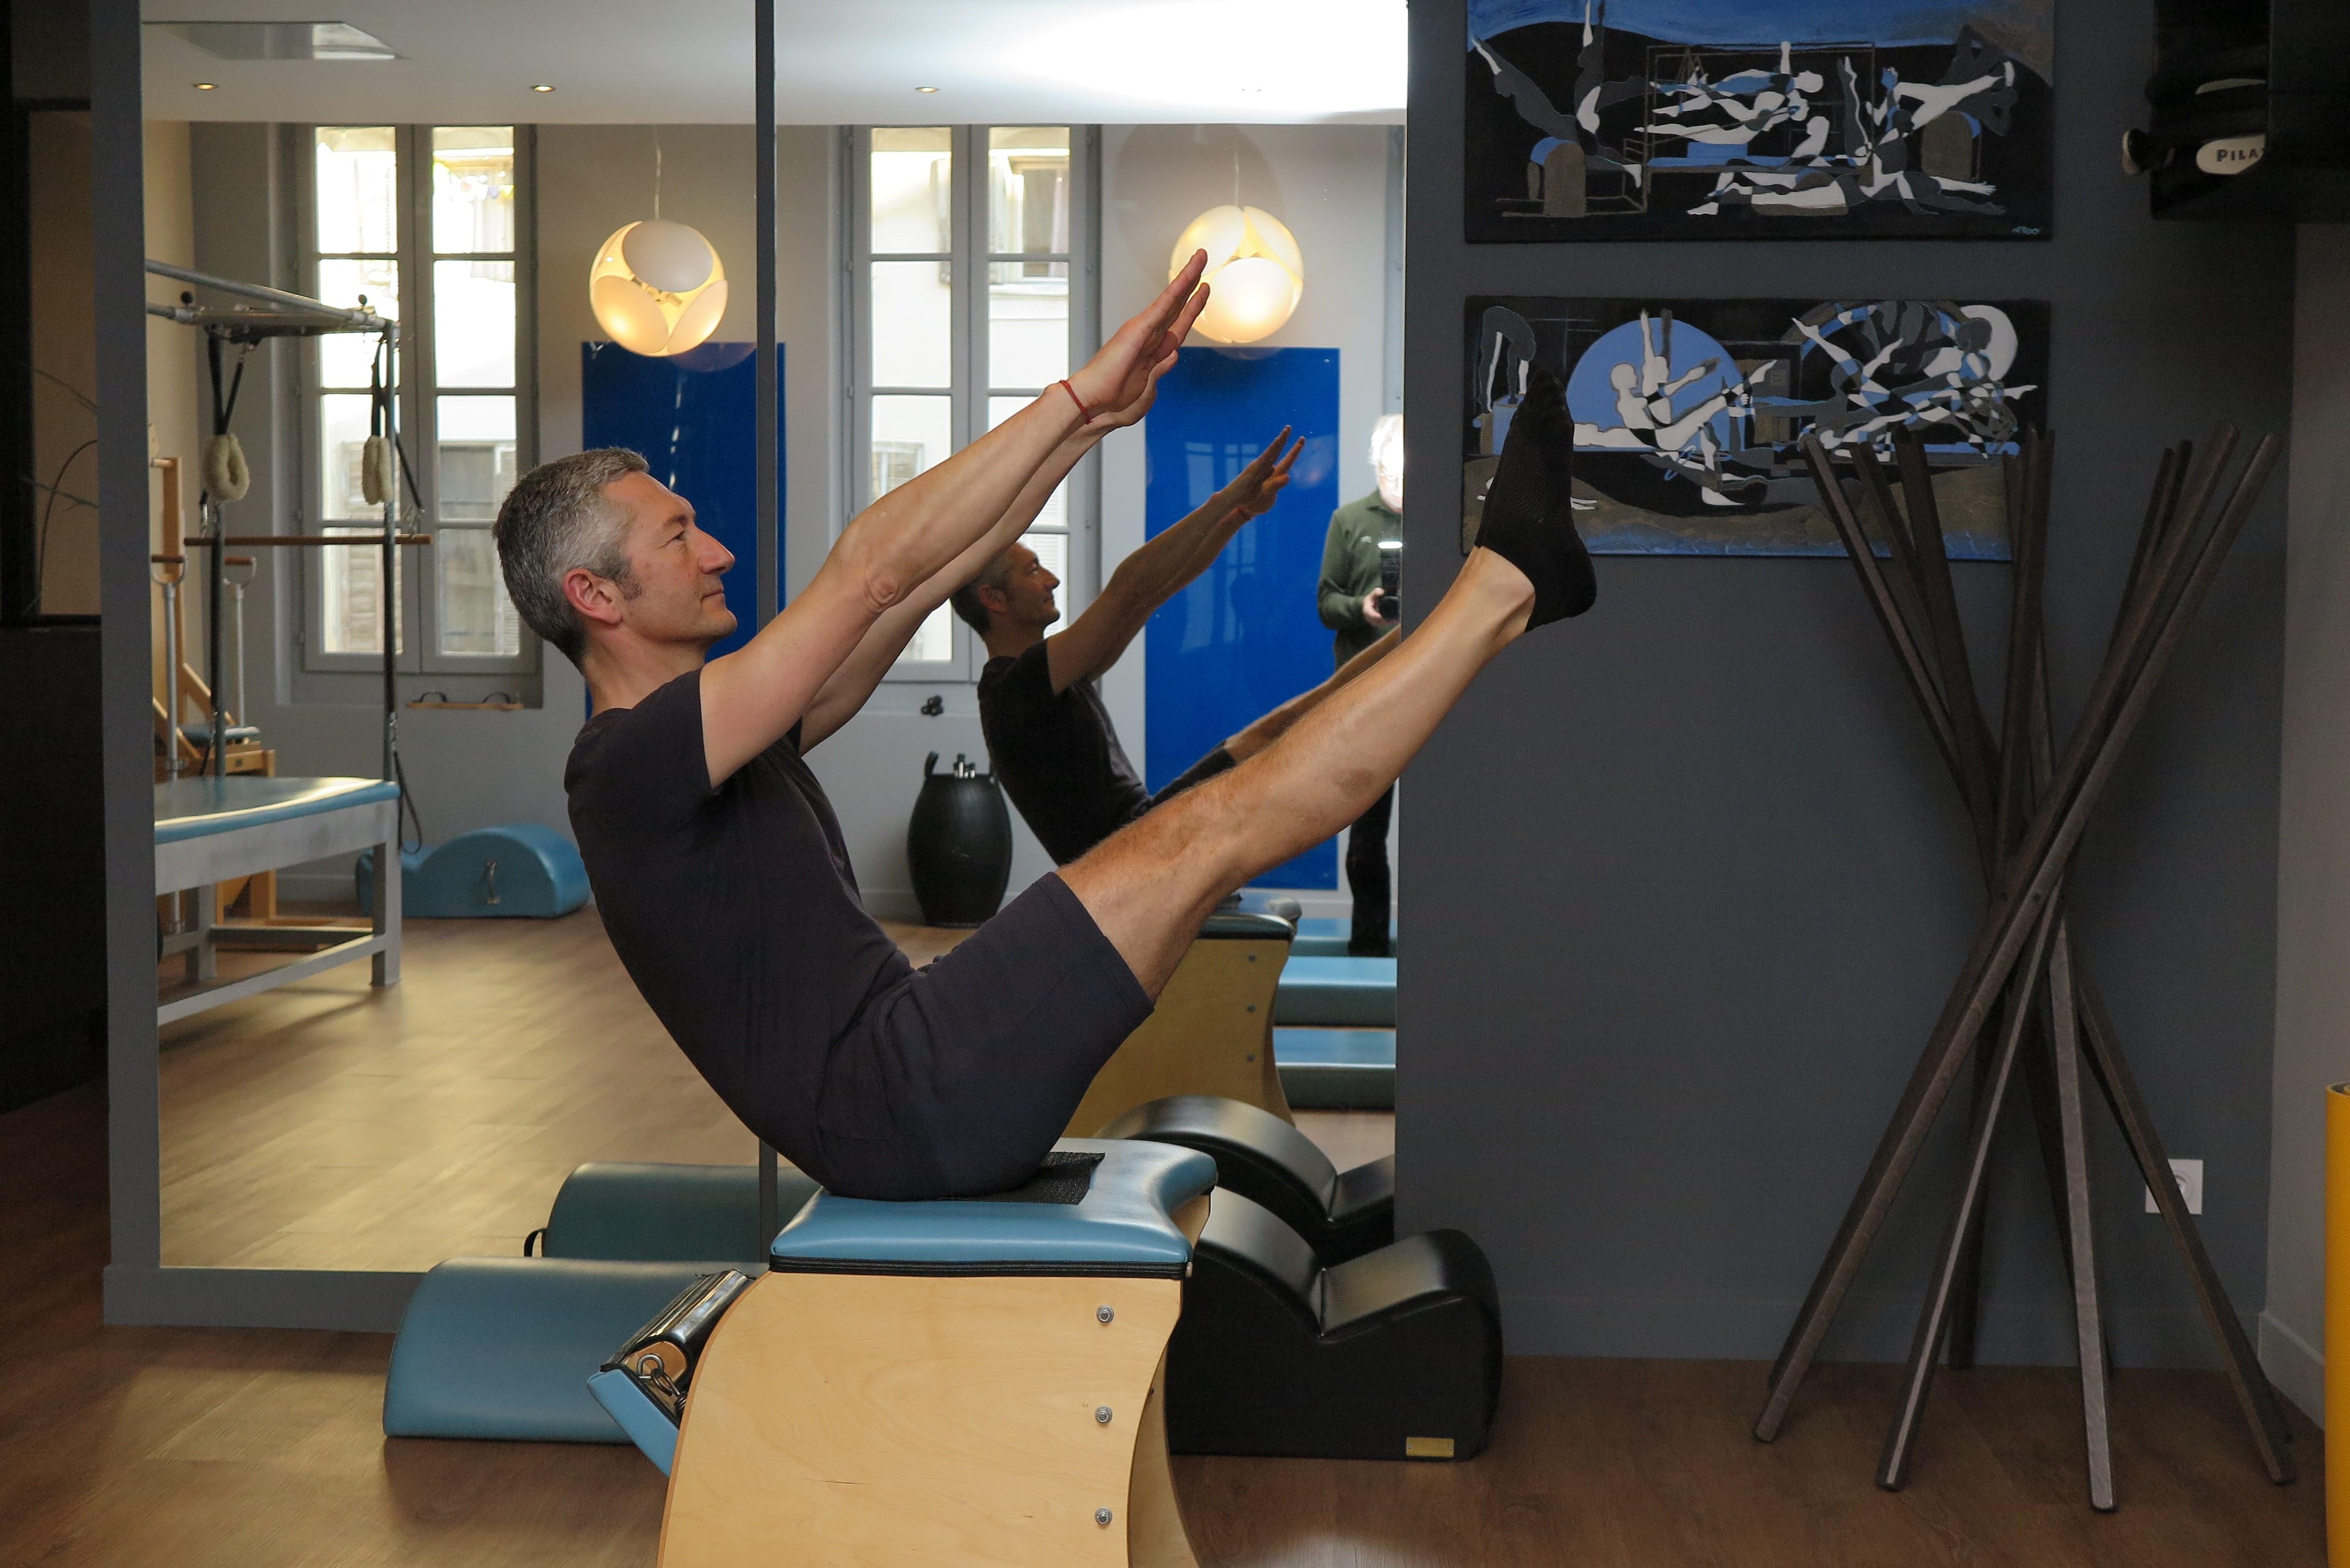 Nouveau professeur en posture de pilates